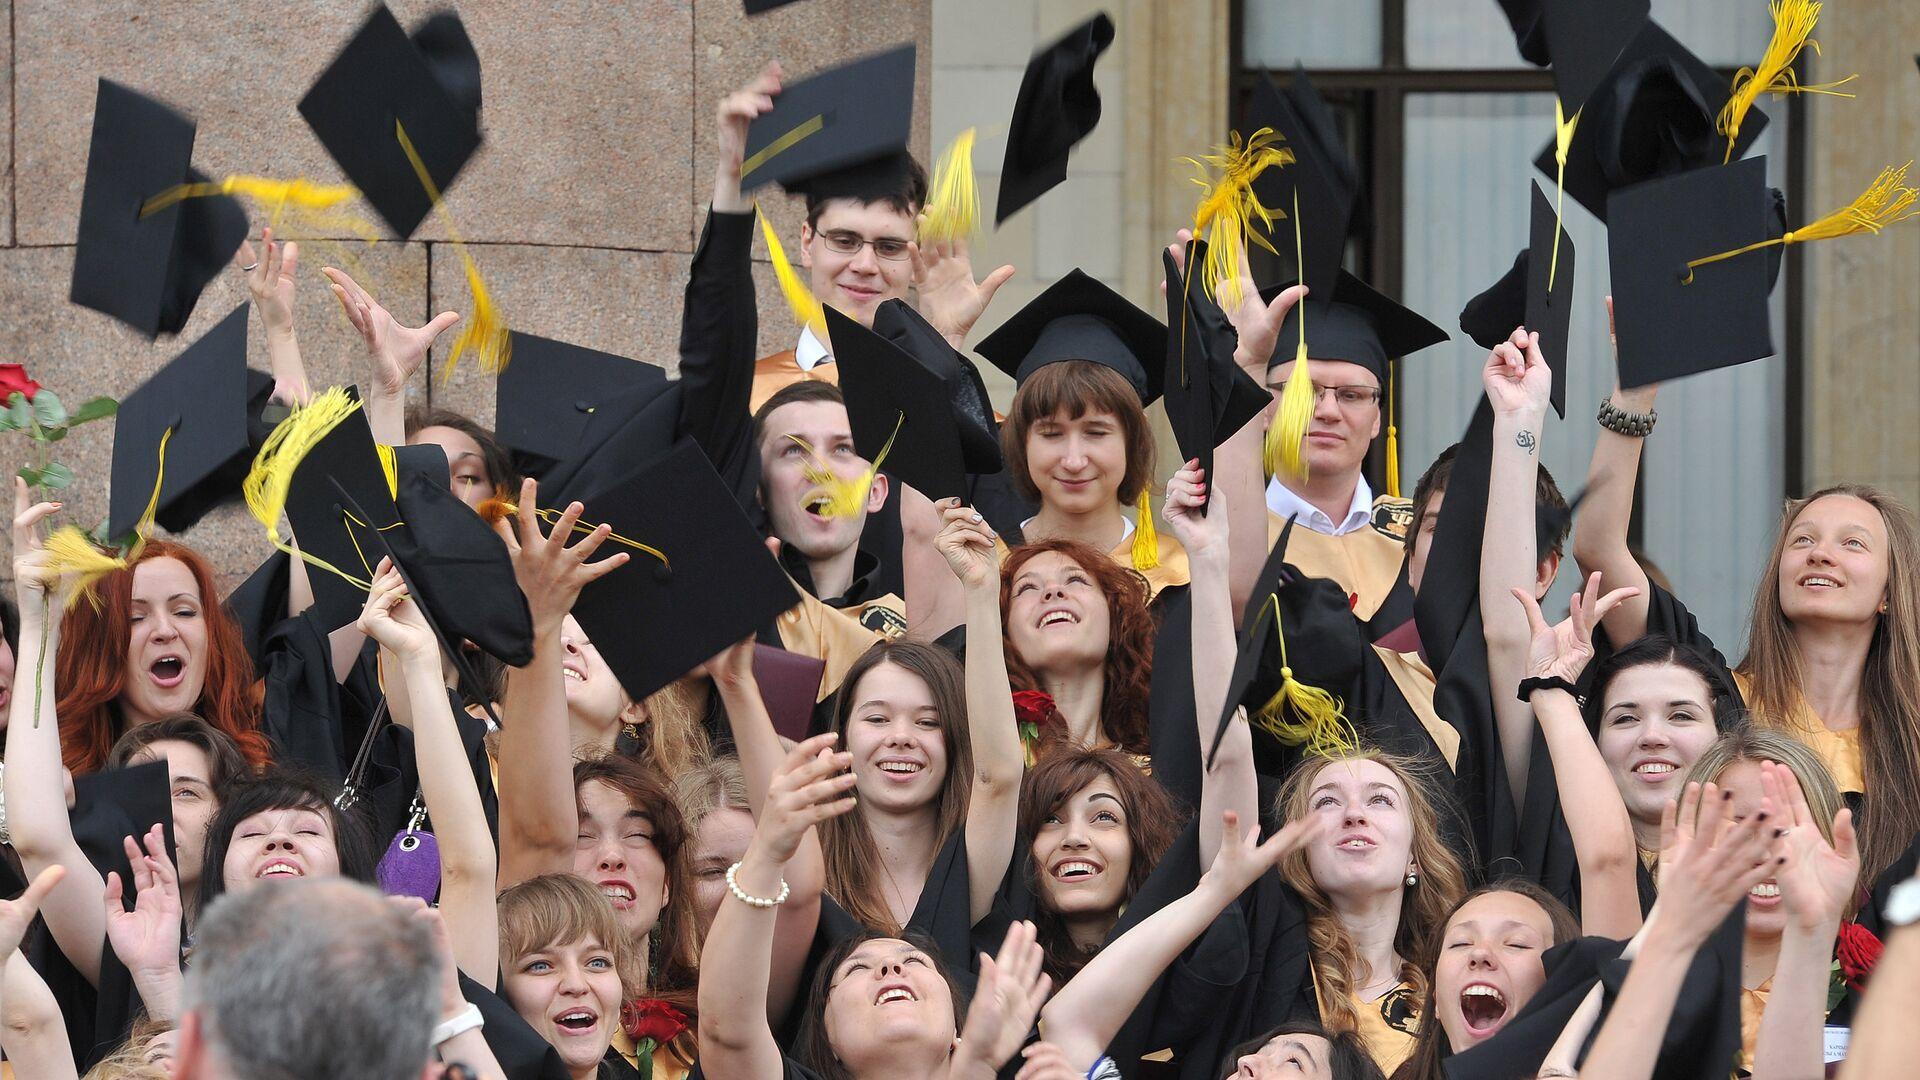 Выпускники университета после церемонии вручения дипломов - РИА Новости, 1920, 05.04.2021